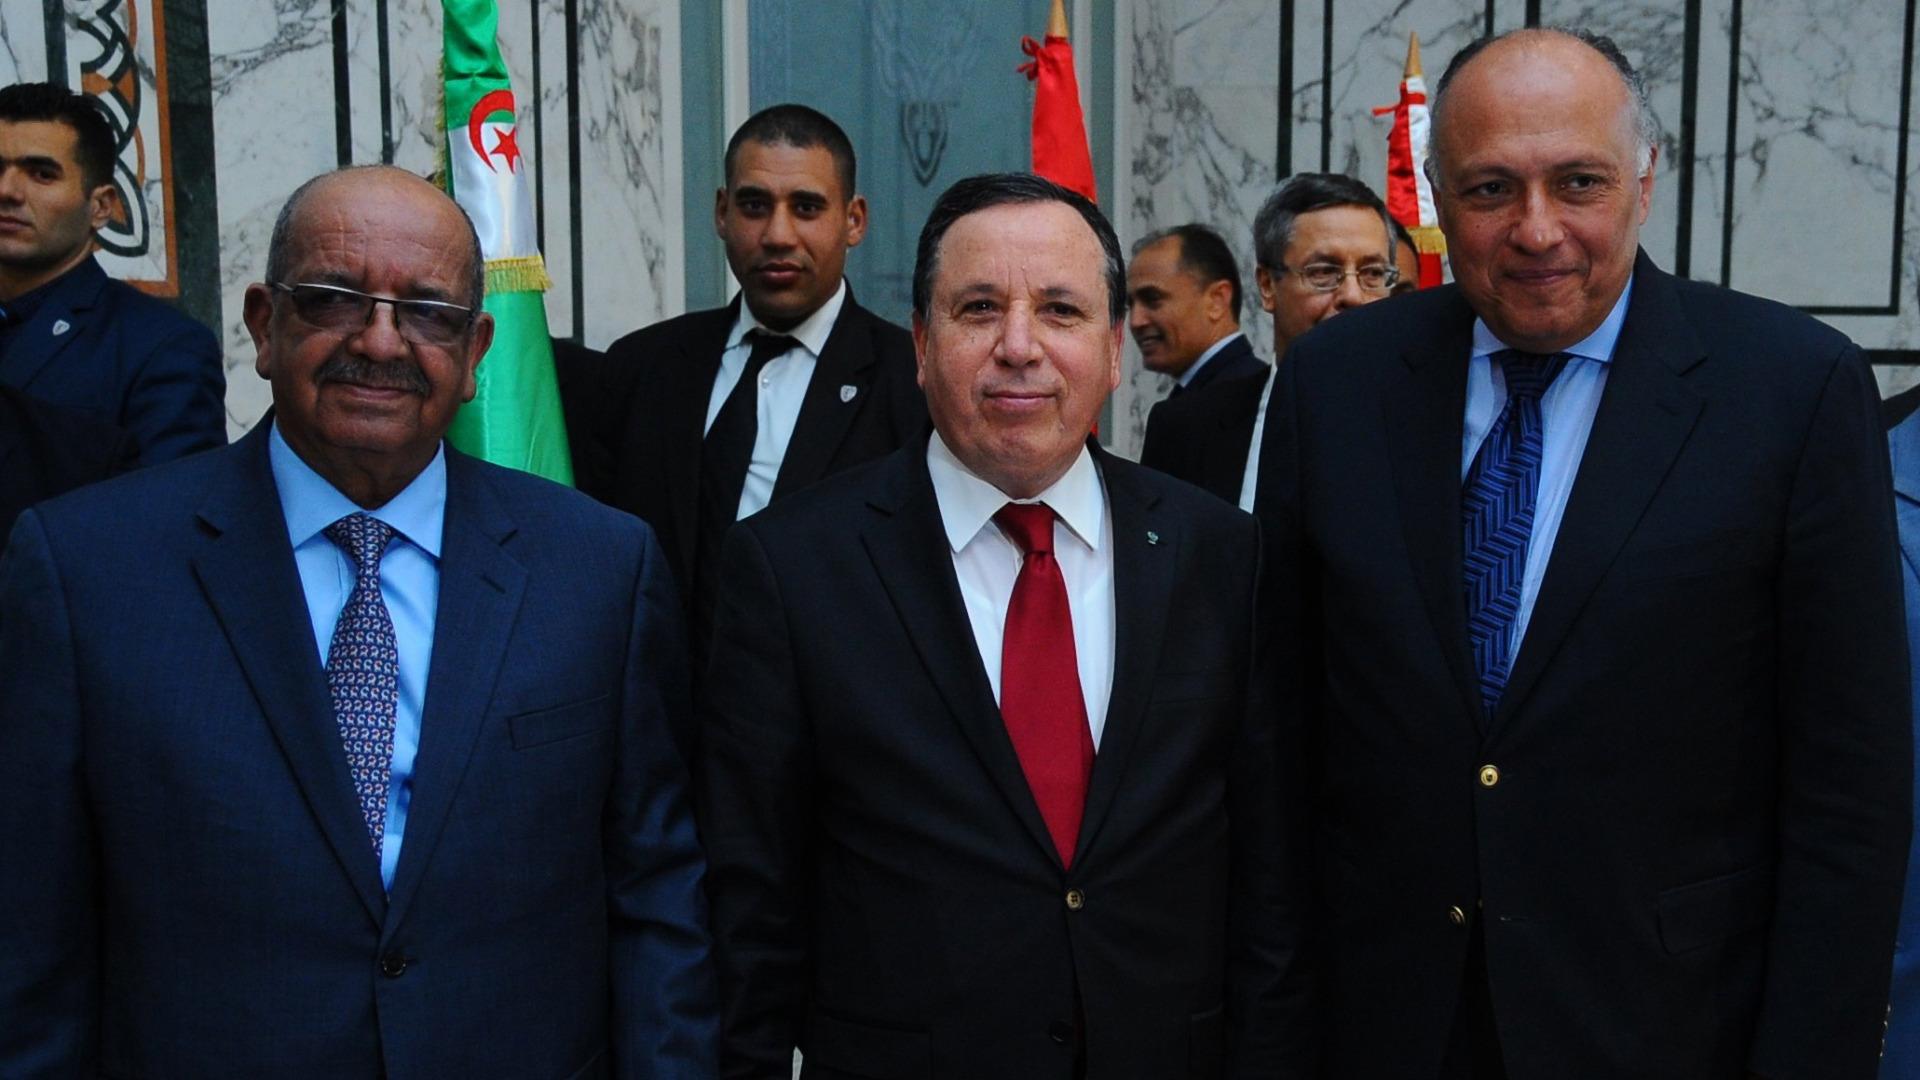 Външните министри на Алжир, Тунис и Египет